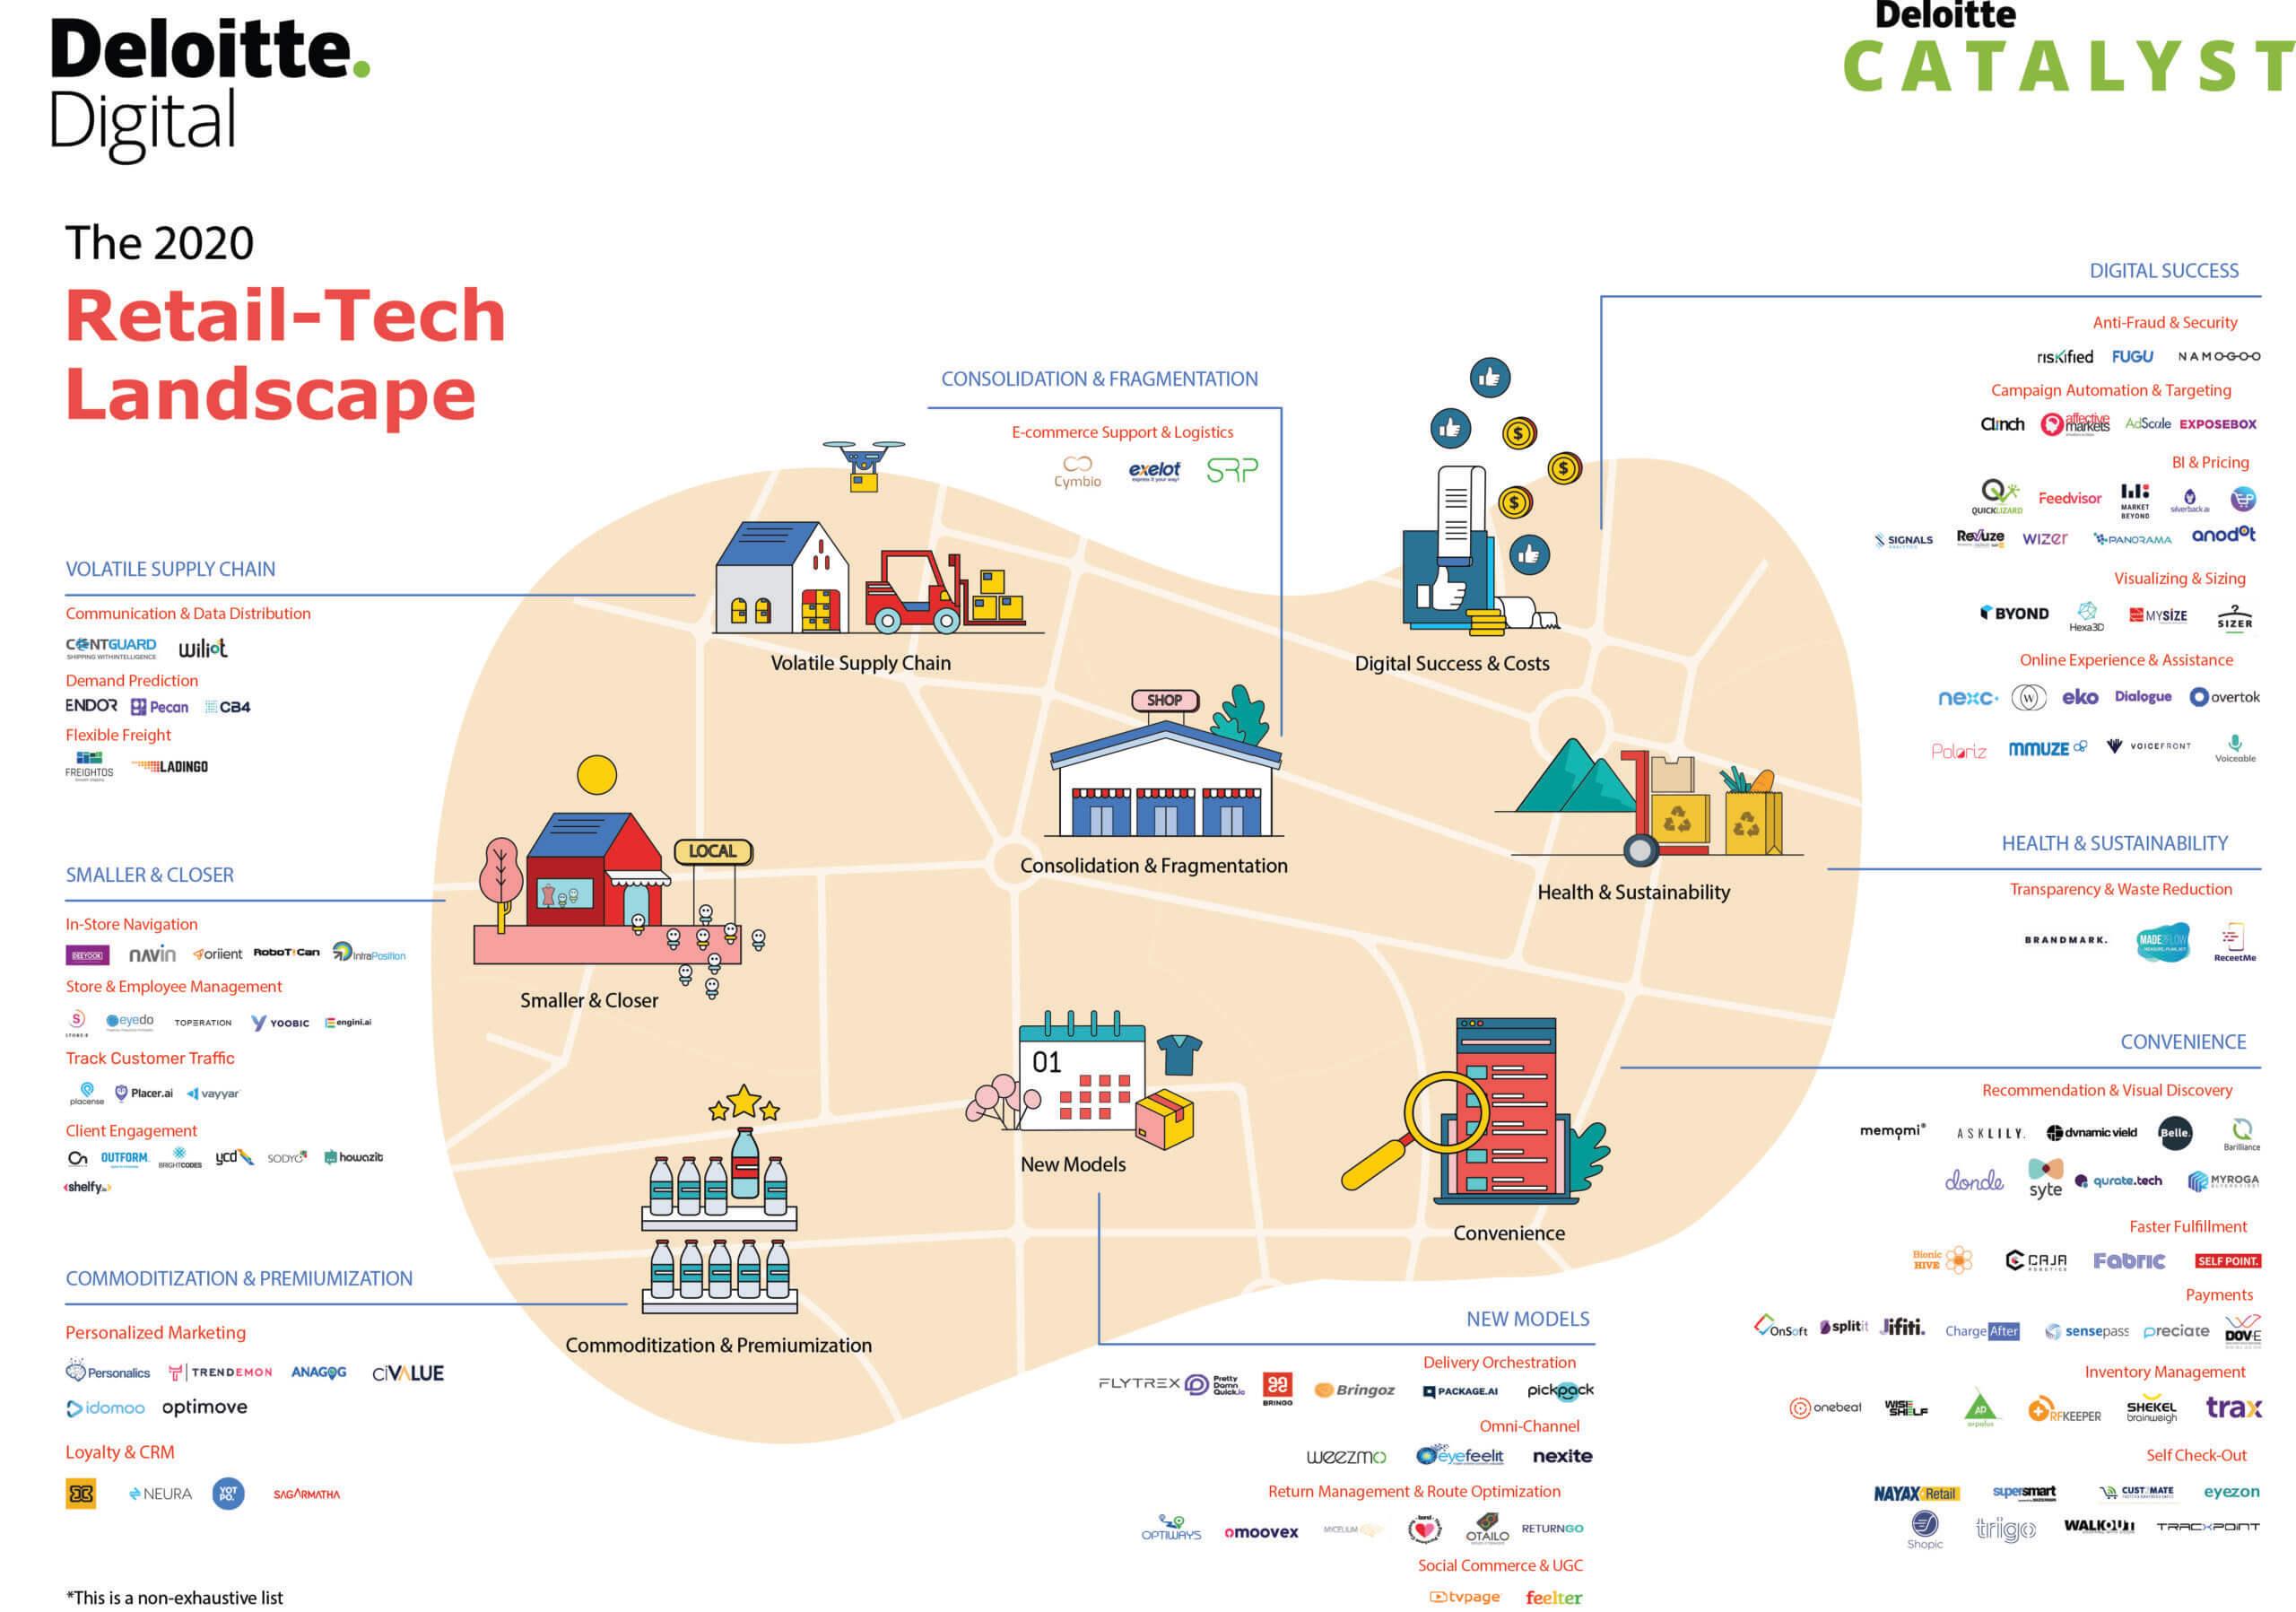 Deloitte Israel's Retail-Tech Landscape